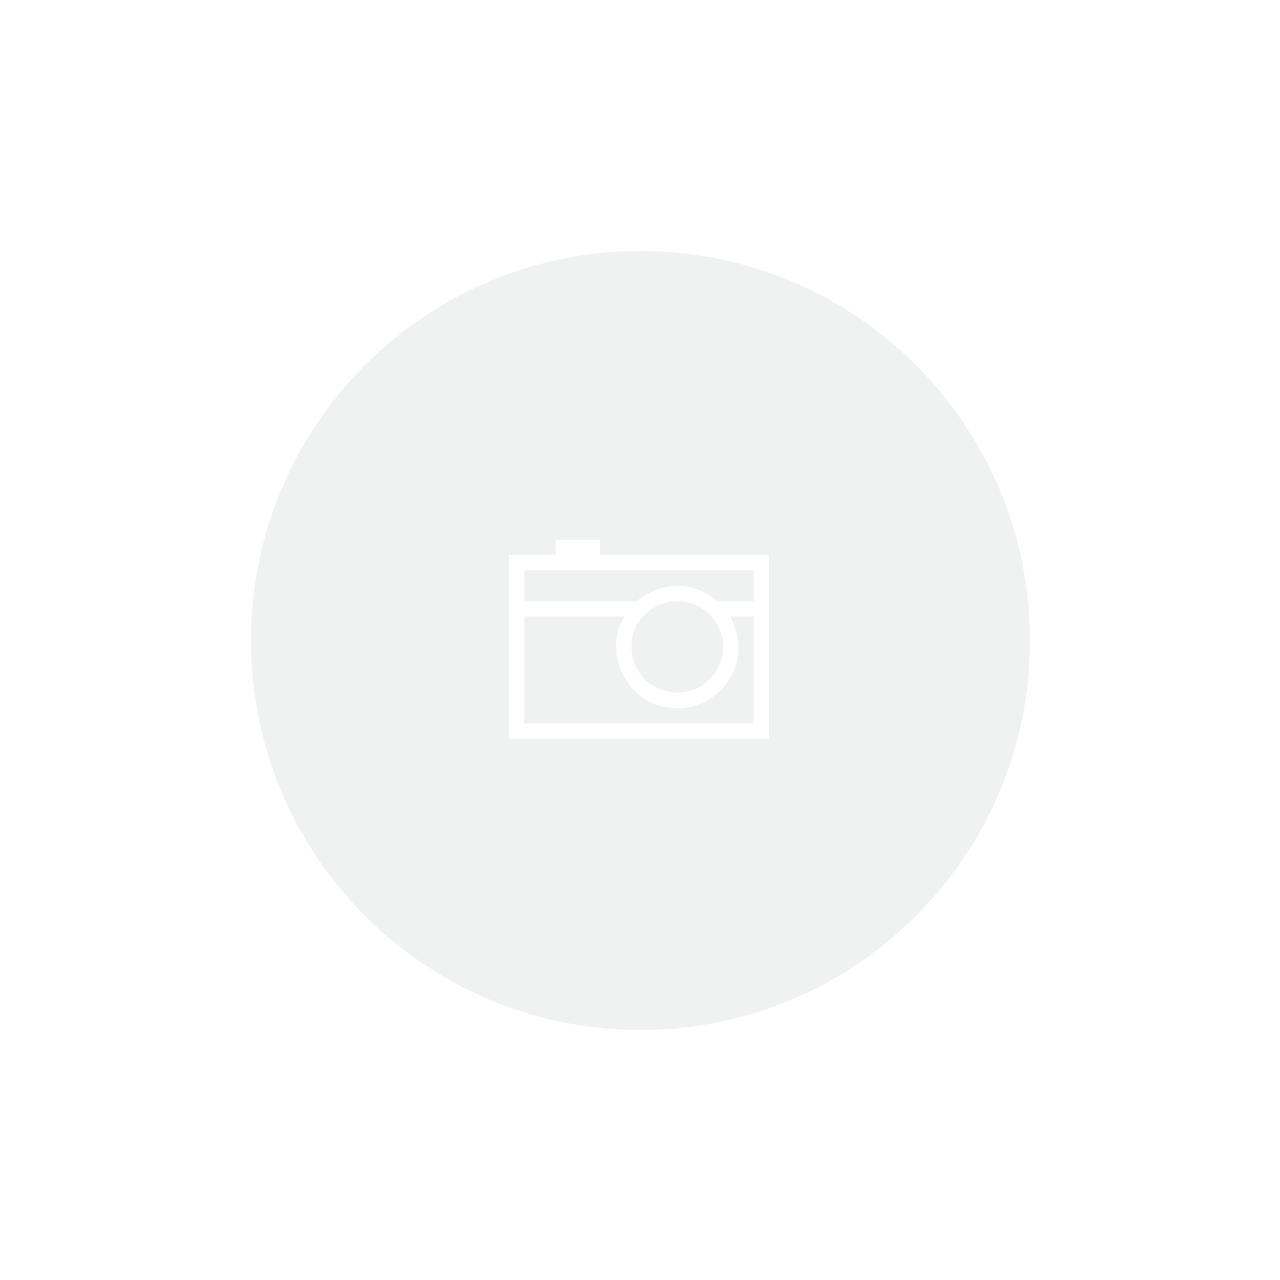 Relé de Estado Sólido 60A - SSR-4860